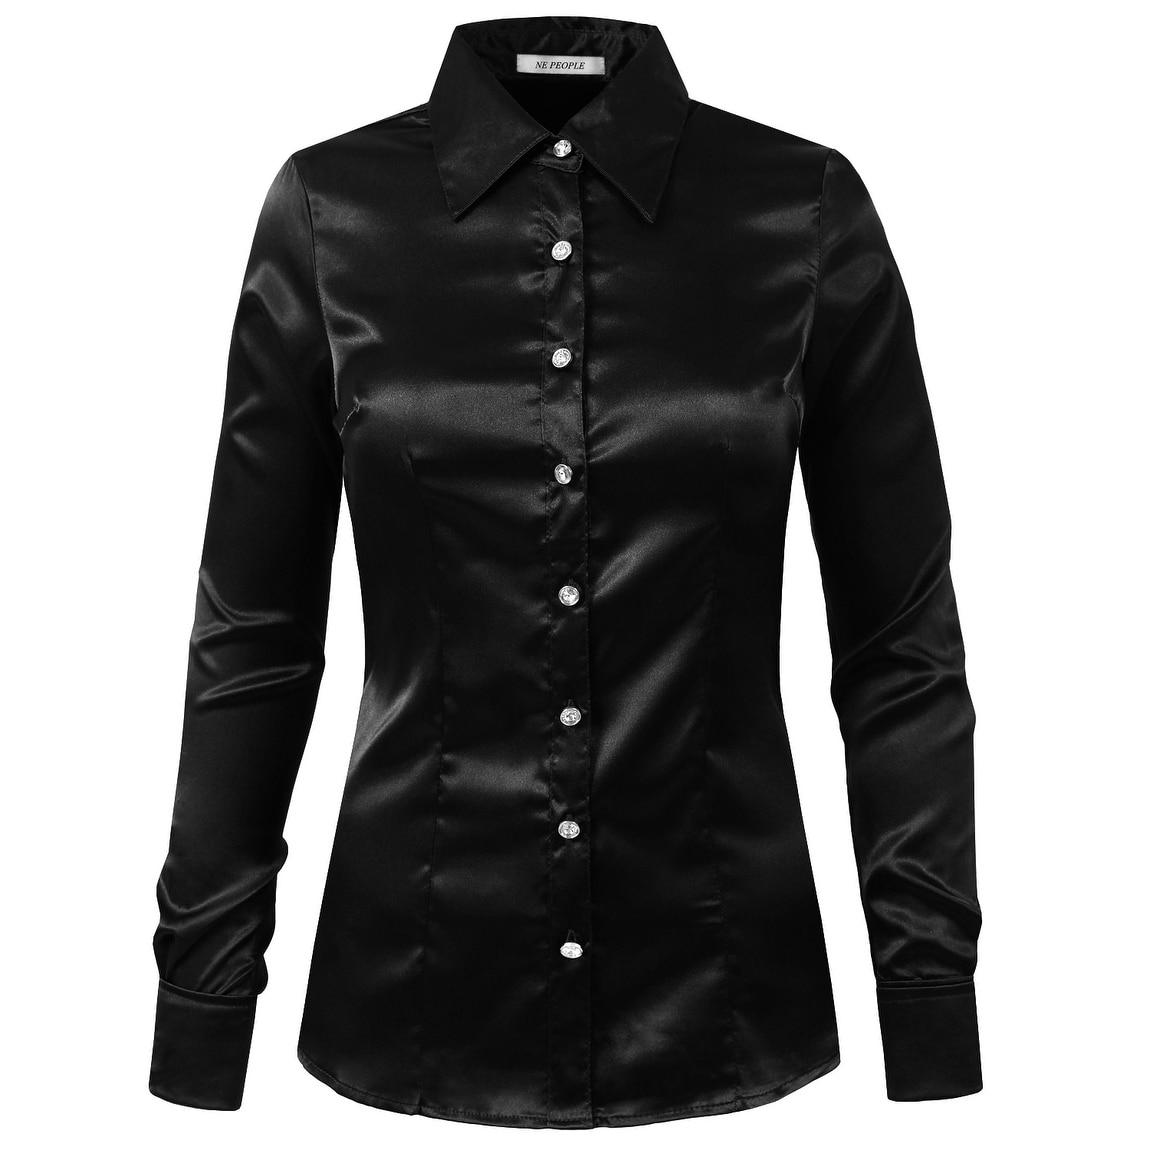 5875a2416 NE PEOPLE Womens Long Cuff Sleeve Button Down Satin Shirt [NEWT74]